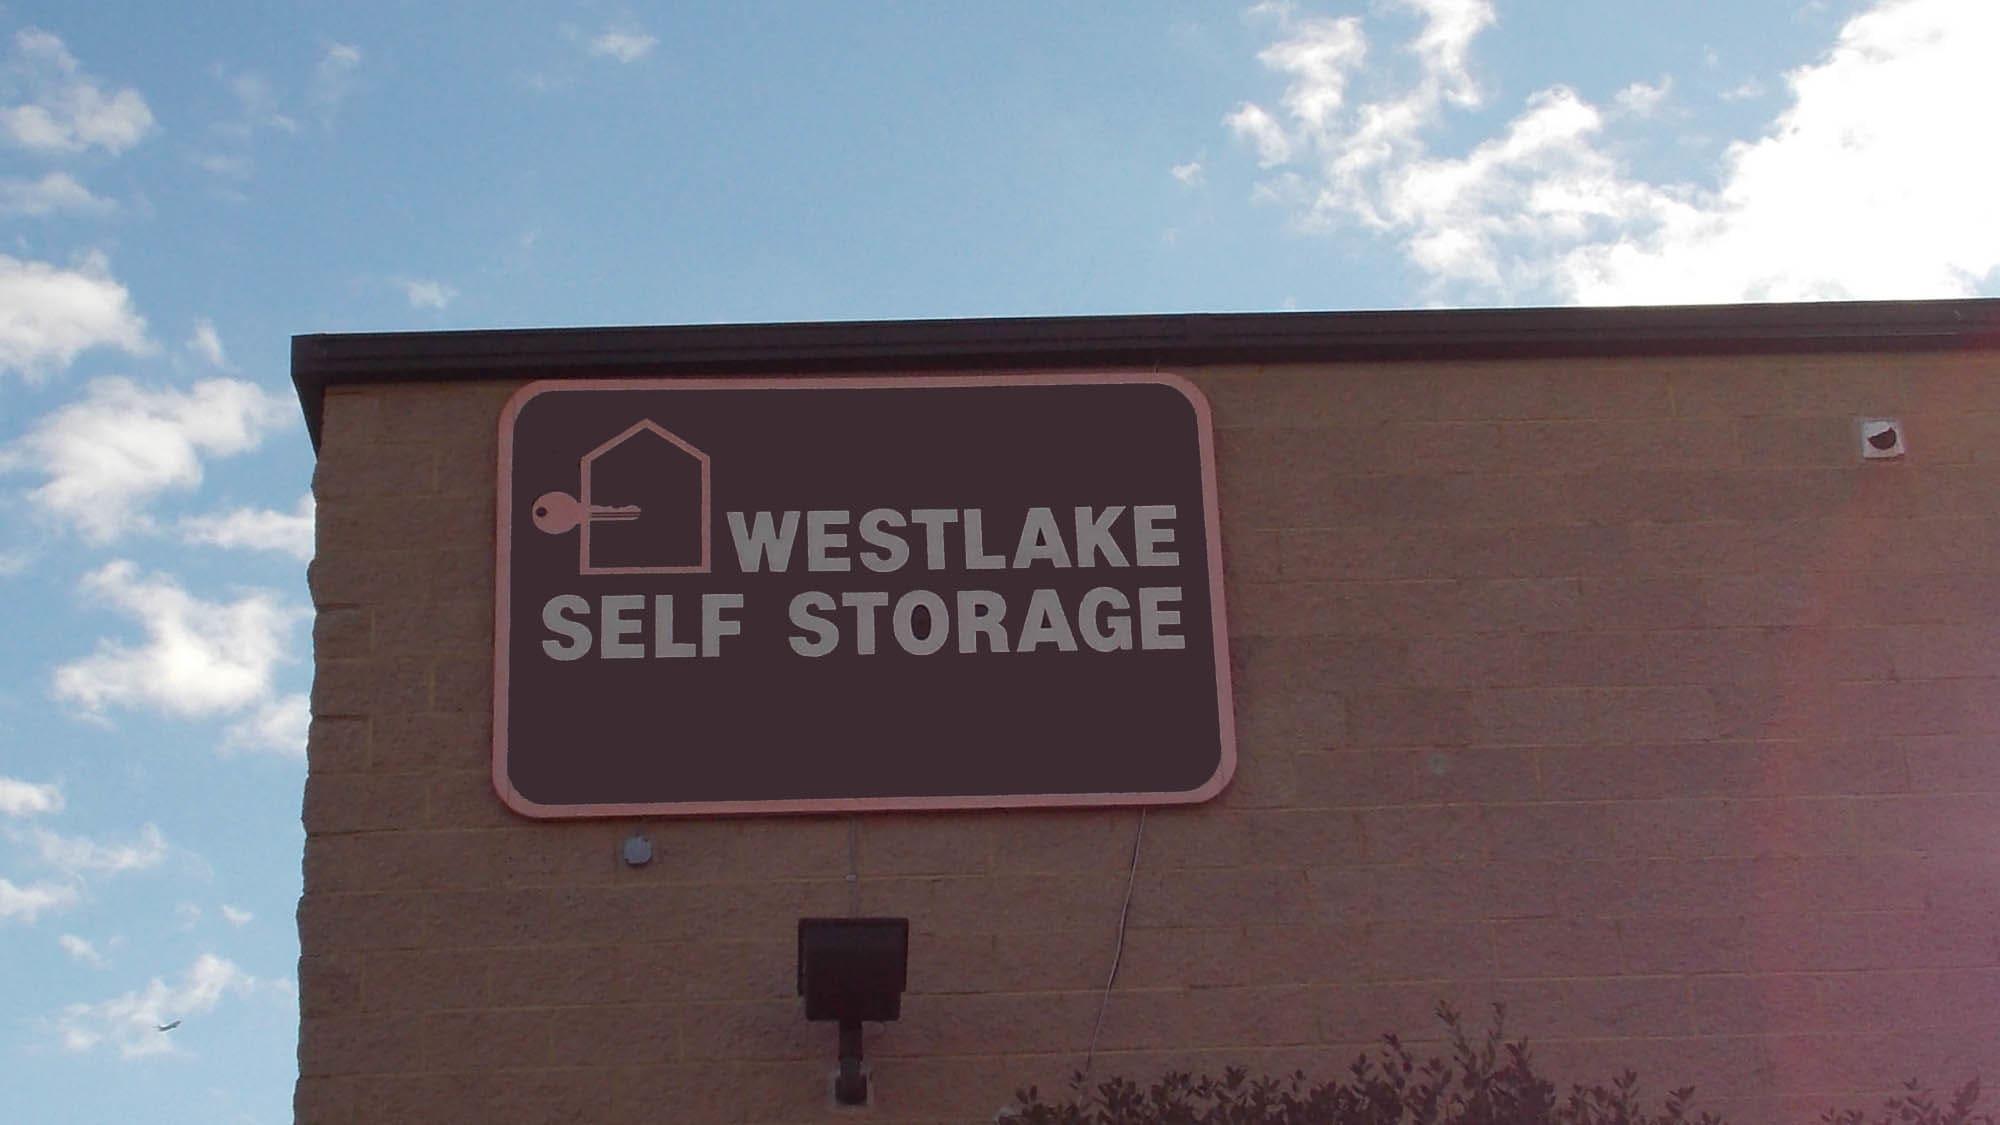 Exterior of Westlake Self Storage in Waldorf, MD